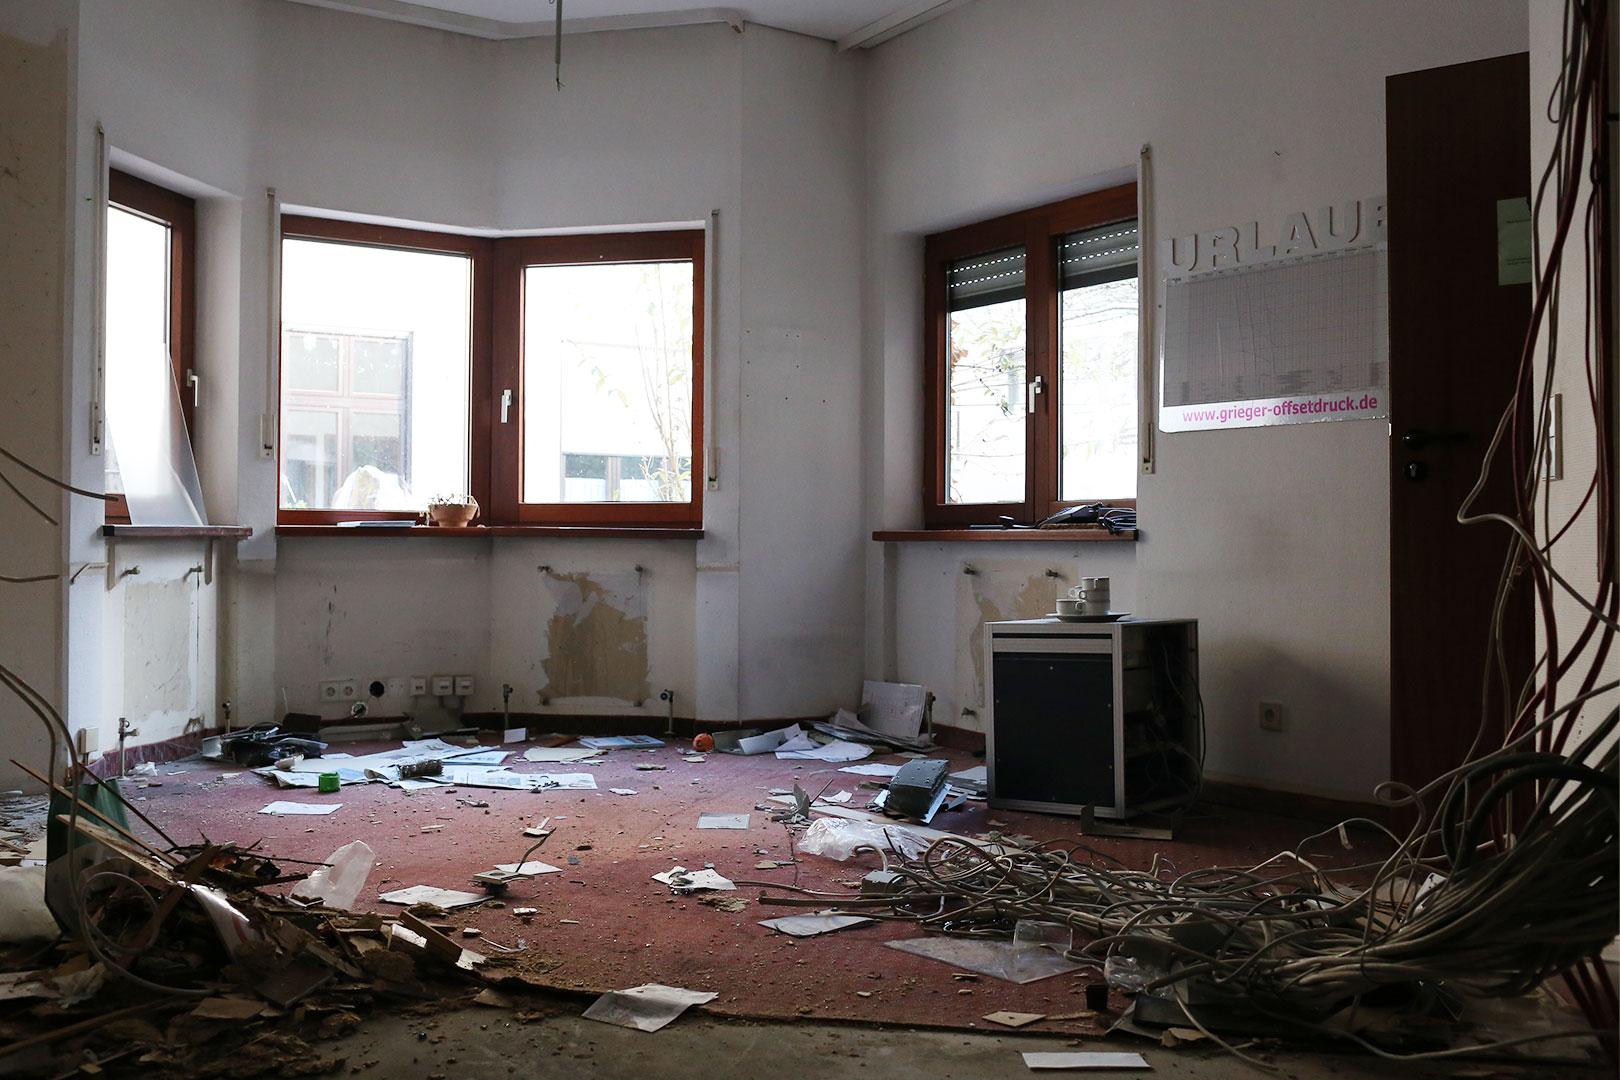 Verwüstete Zimmer